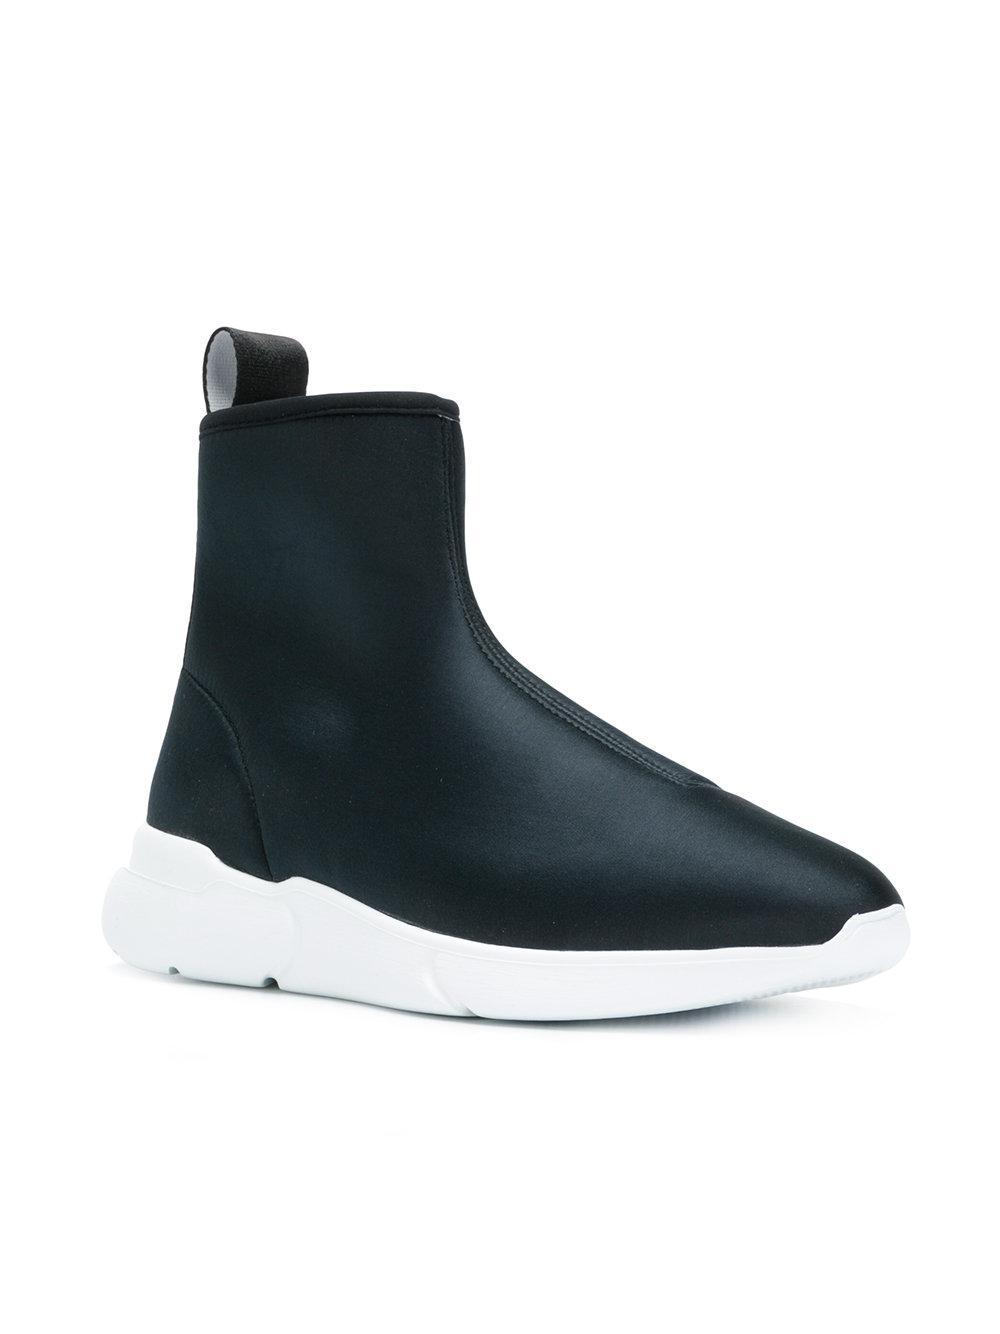 Moschino Chaussures De Sport De Chaussette Salut-top - Noir JhJrONbq